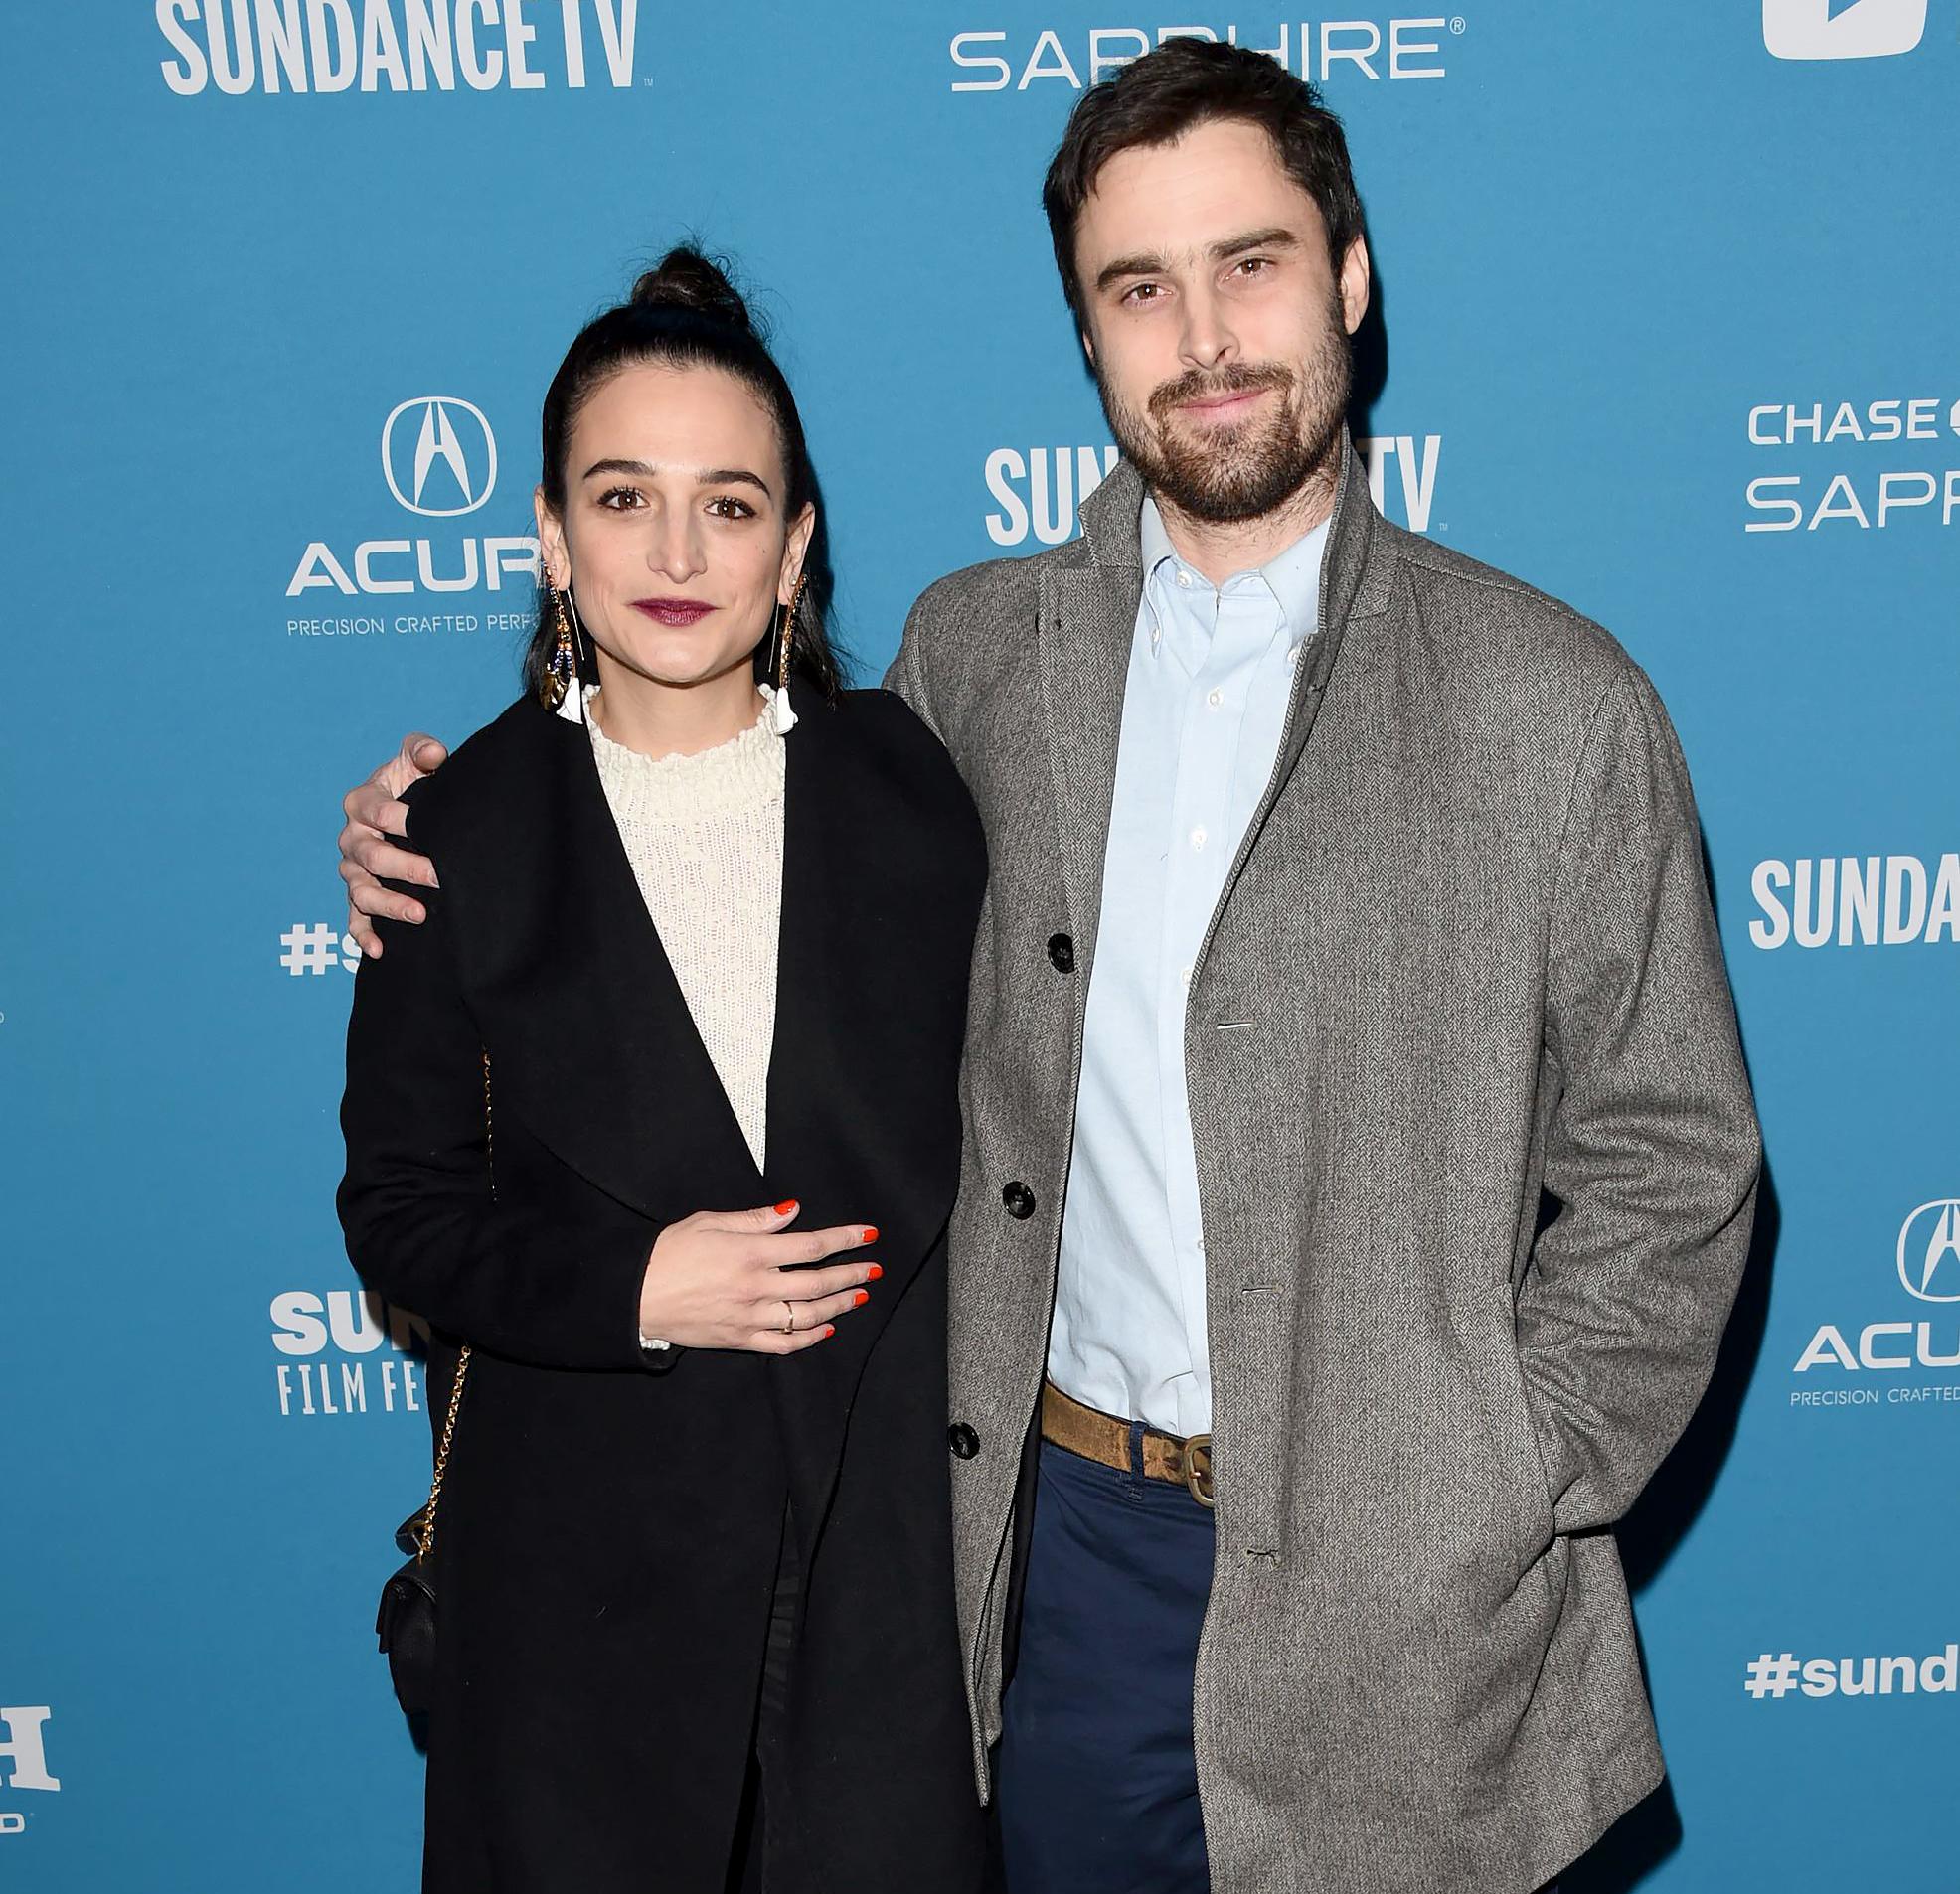 Jenny Slate, Boyfriend Ben Shattuck Are Engaged